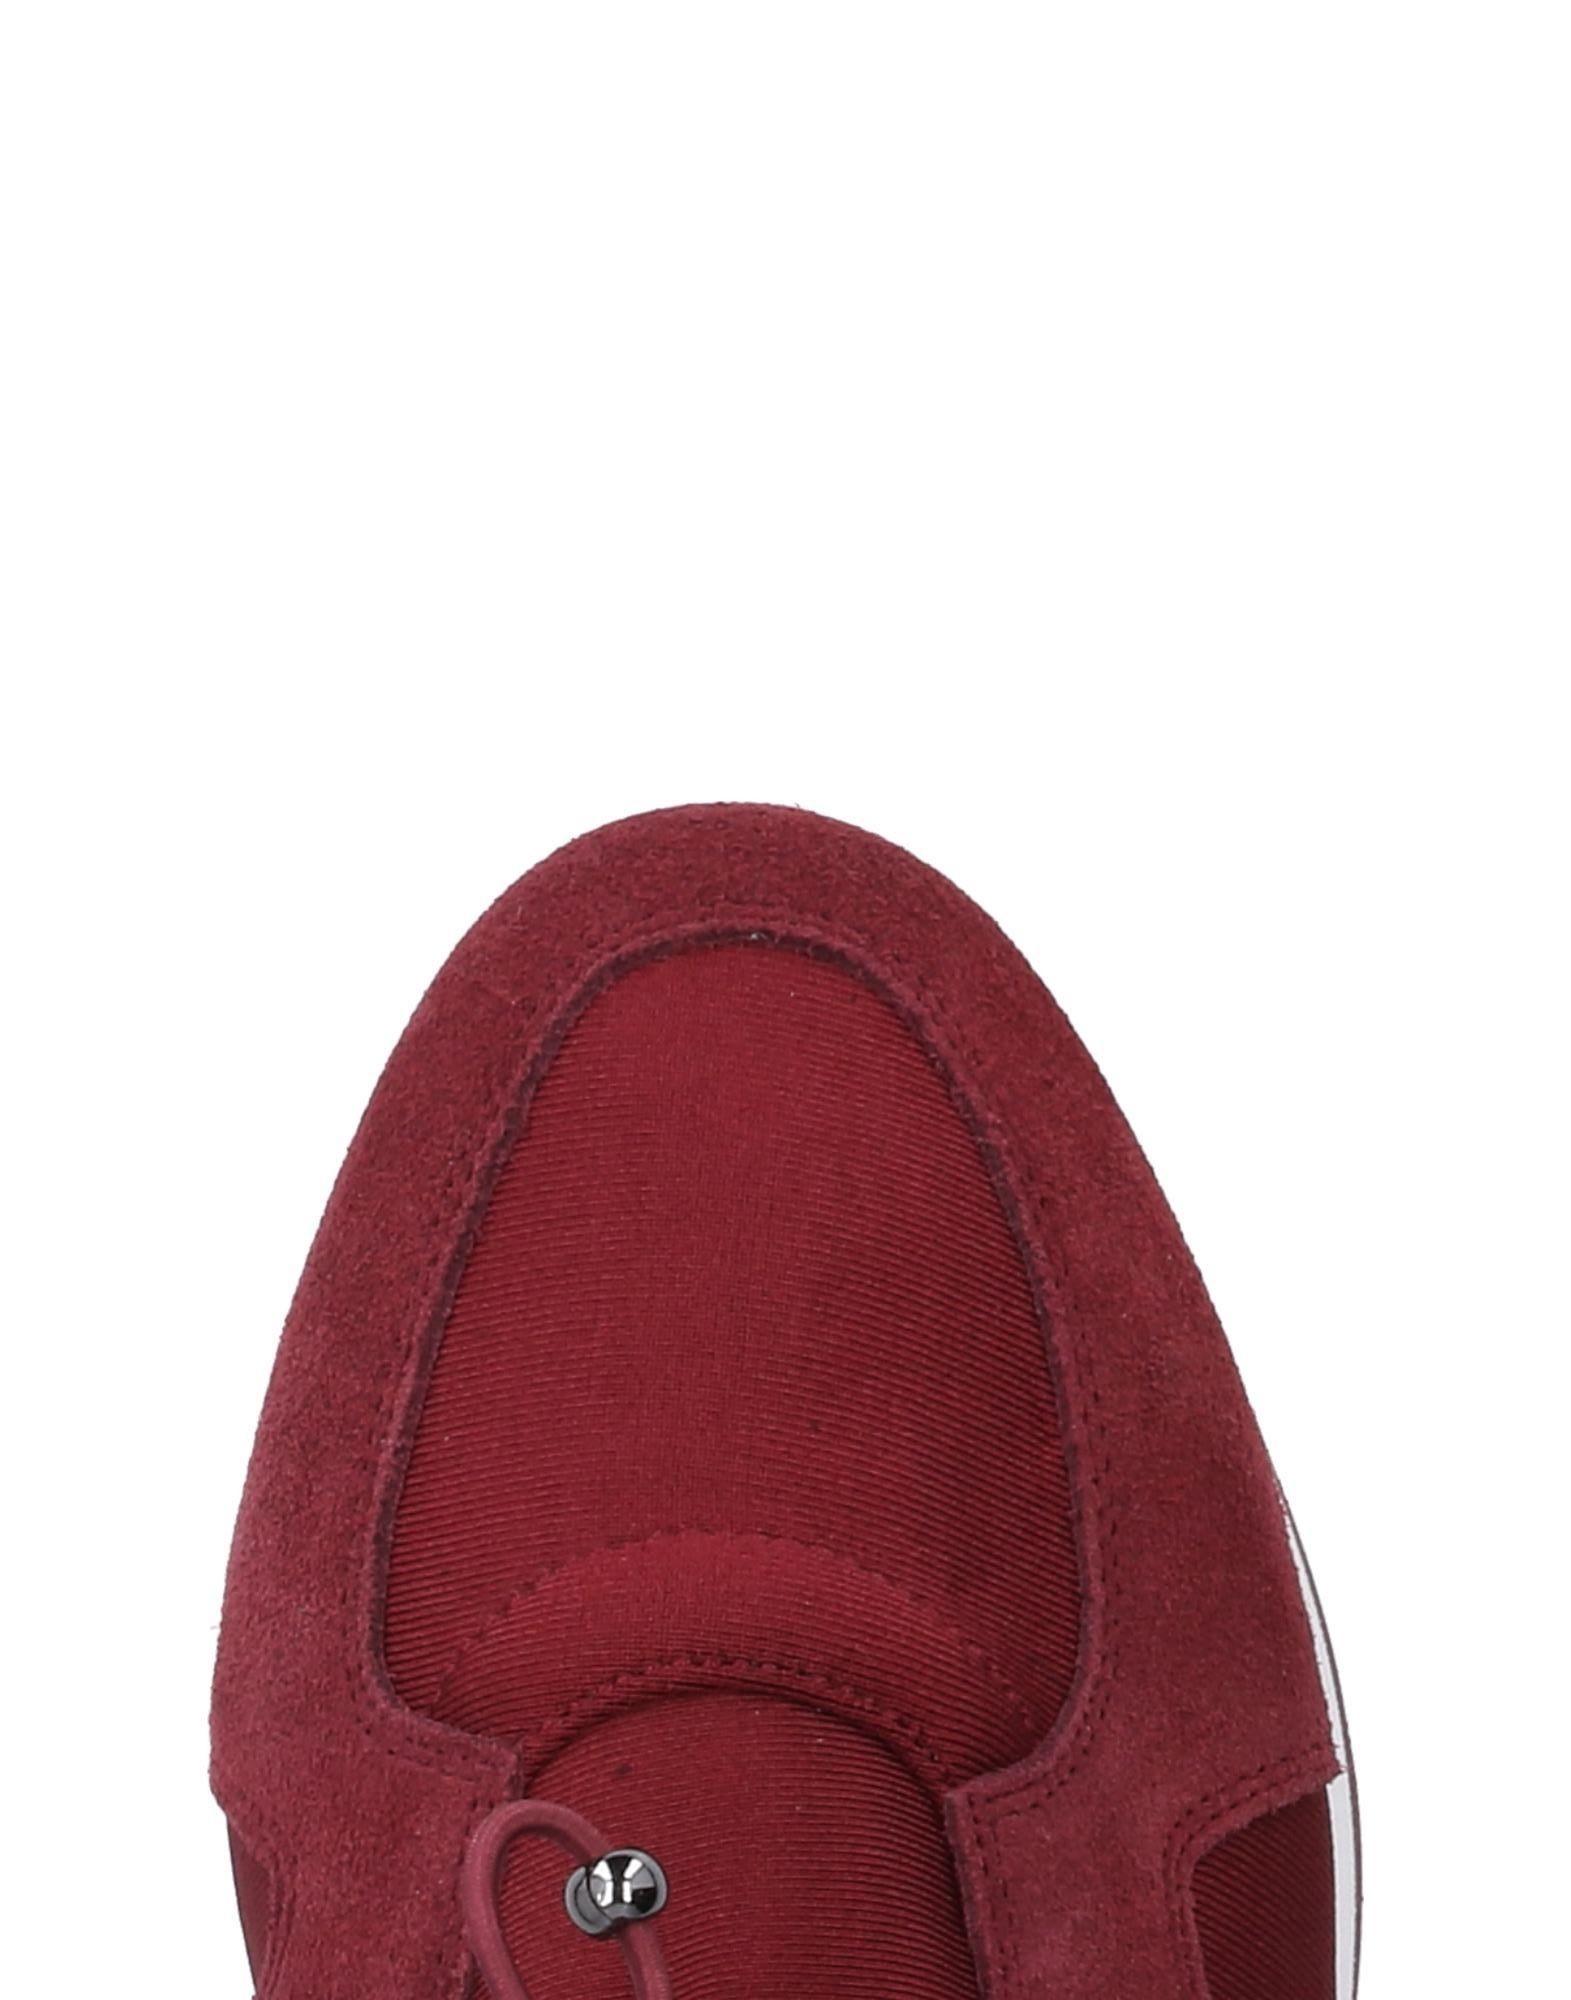 Liu •Jo Shoes Sneakers Damen  Qualität 11404404TO Gute Qualität  beliebte Schuhe 73f8b5